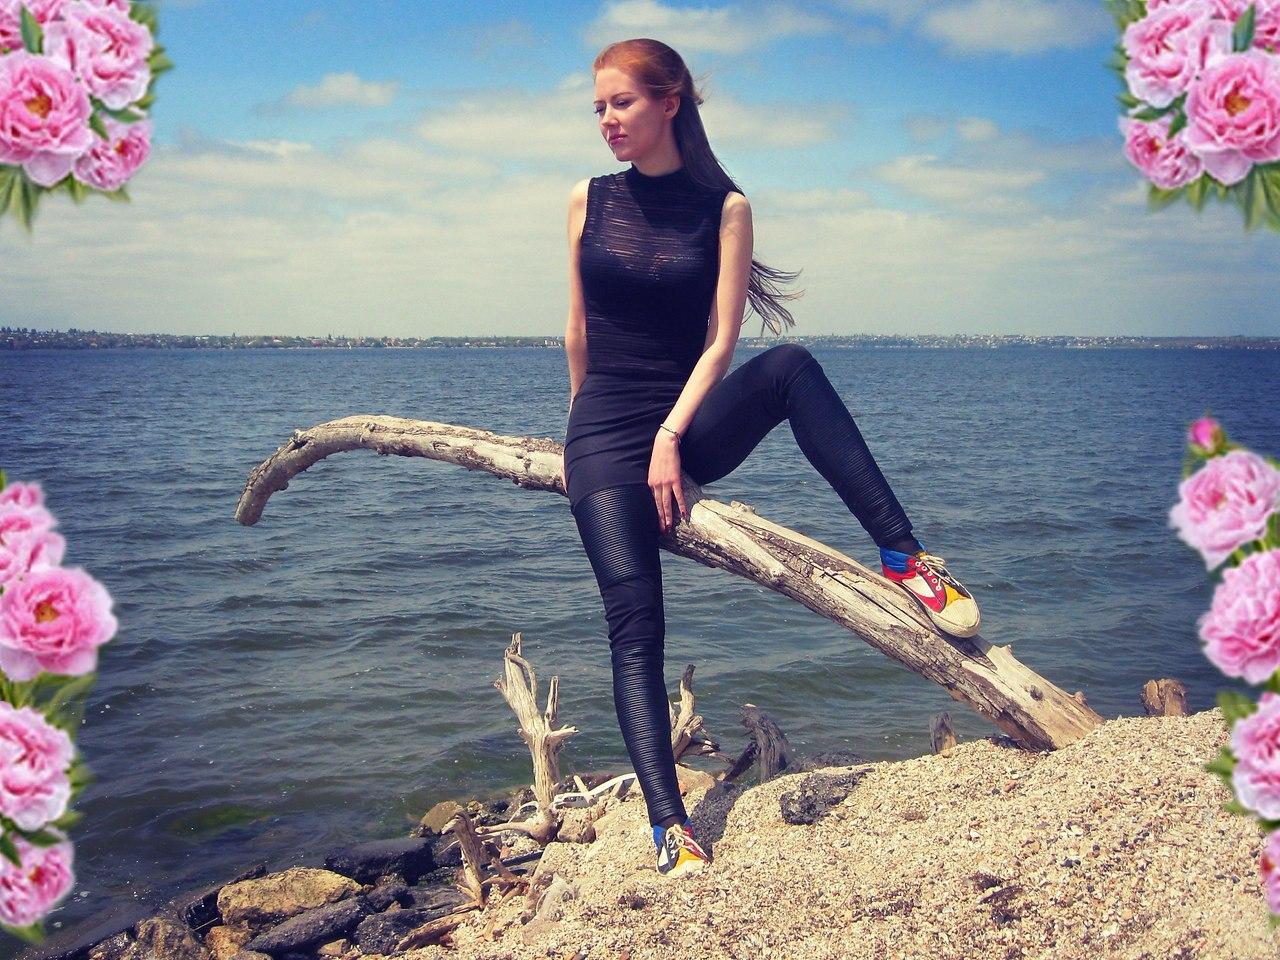 Спортивные девушки (25 фото) - Valery, 31 год, Николаев